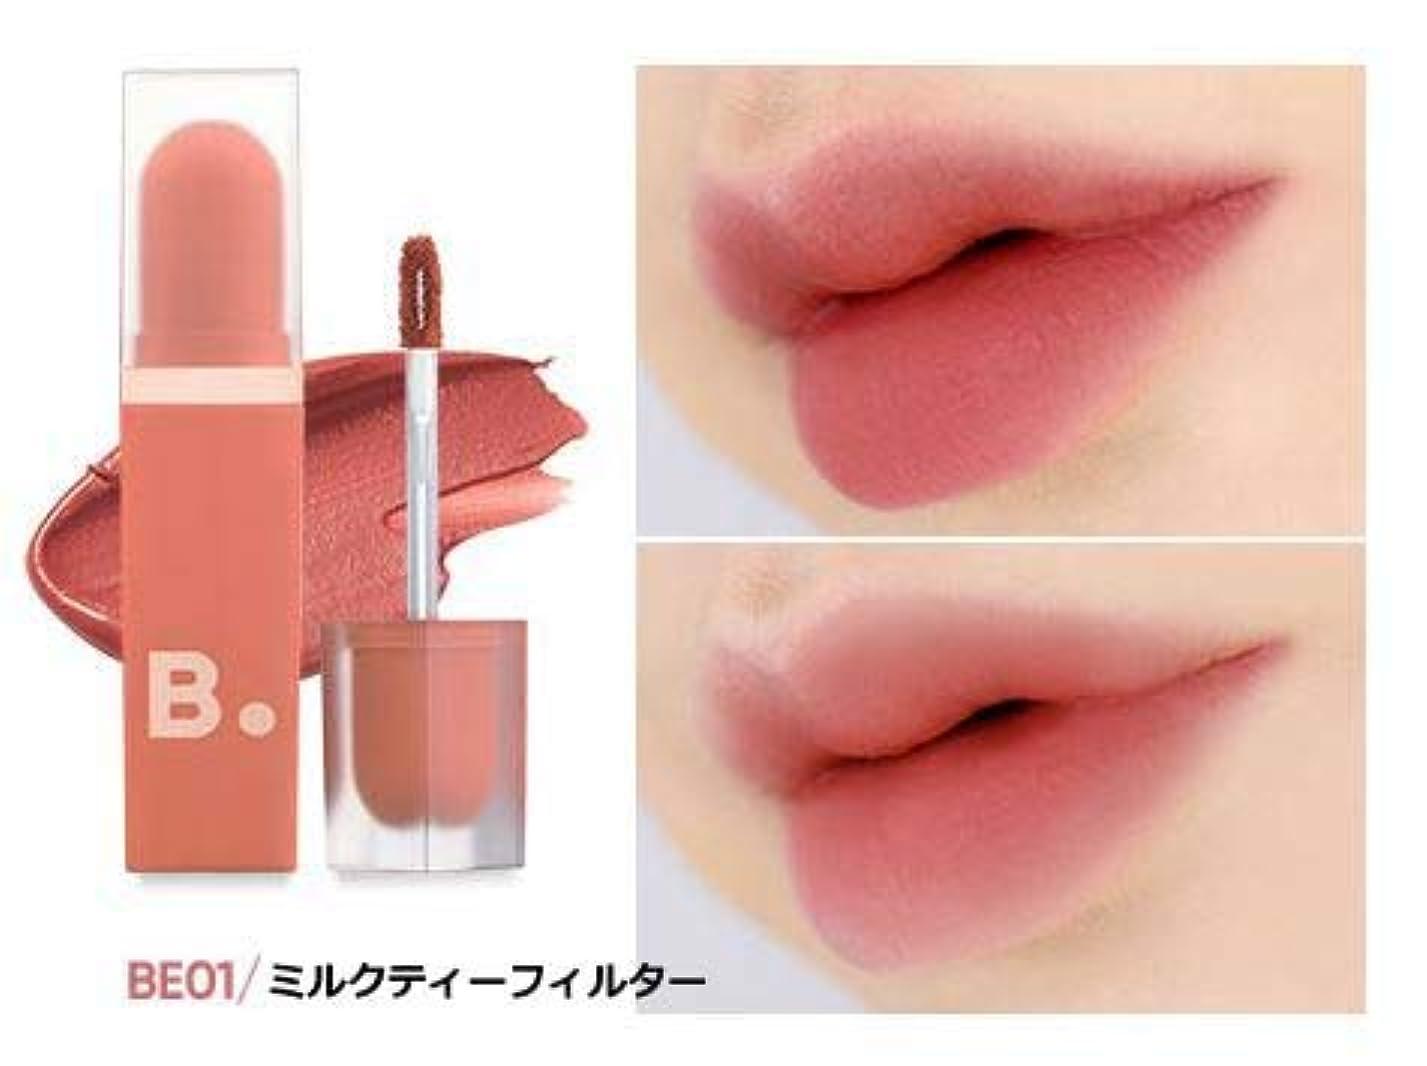 血色の良い簡略化する応答[BANILA CO] Velvet Blurred Lip / [バニラコ] ベルベットブラッドリップ (# BE01ミルクティーフィルター) [並行輸入品]